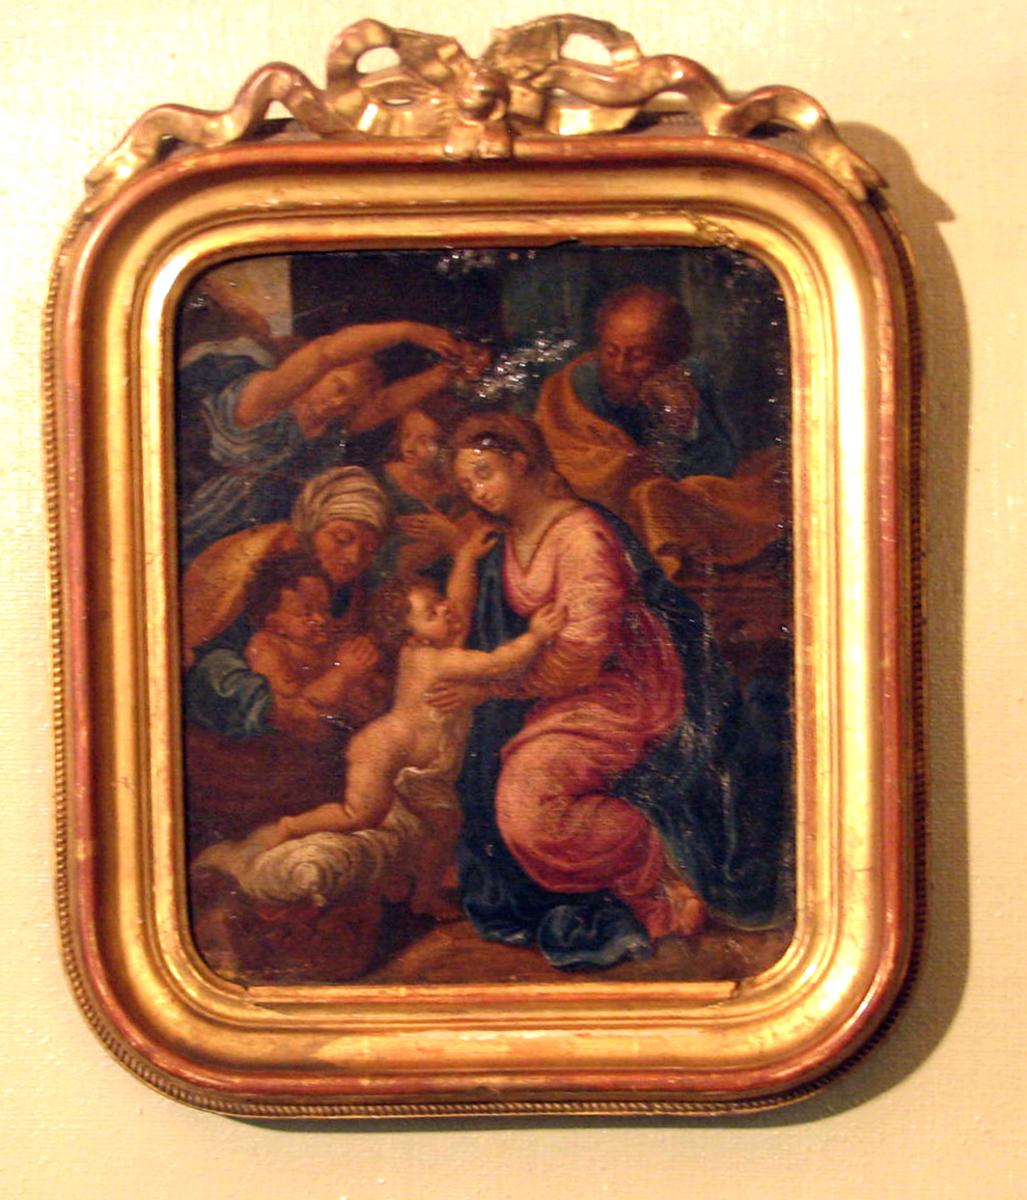 Rektangulær; ramme: gj.brutt toppstk. Den hellige familie; Maria sittende, venstrev., rød og blå drakt; barnet halvt stående, høyrev., bedende Johannes og kvinne, i bakgrunn 2 kvinner. og gml. mann; brun karnasjon